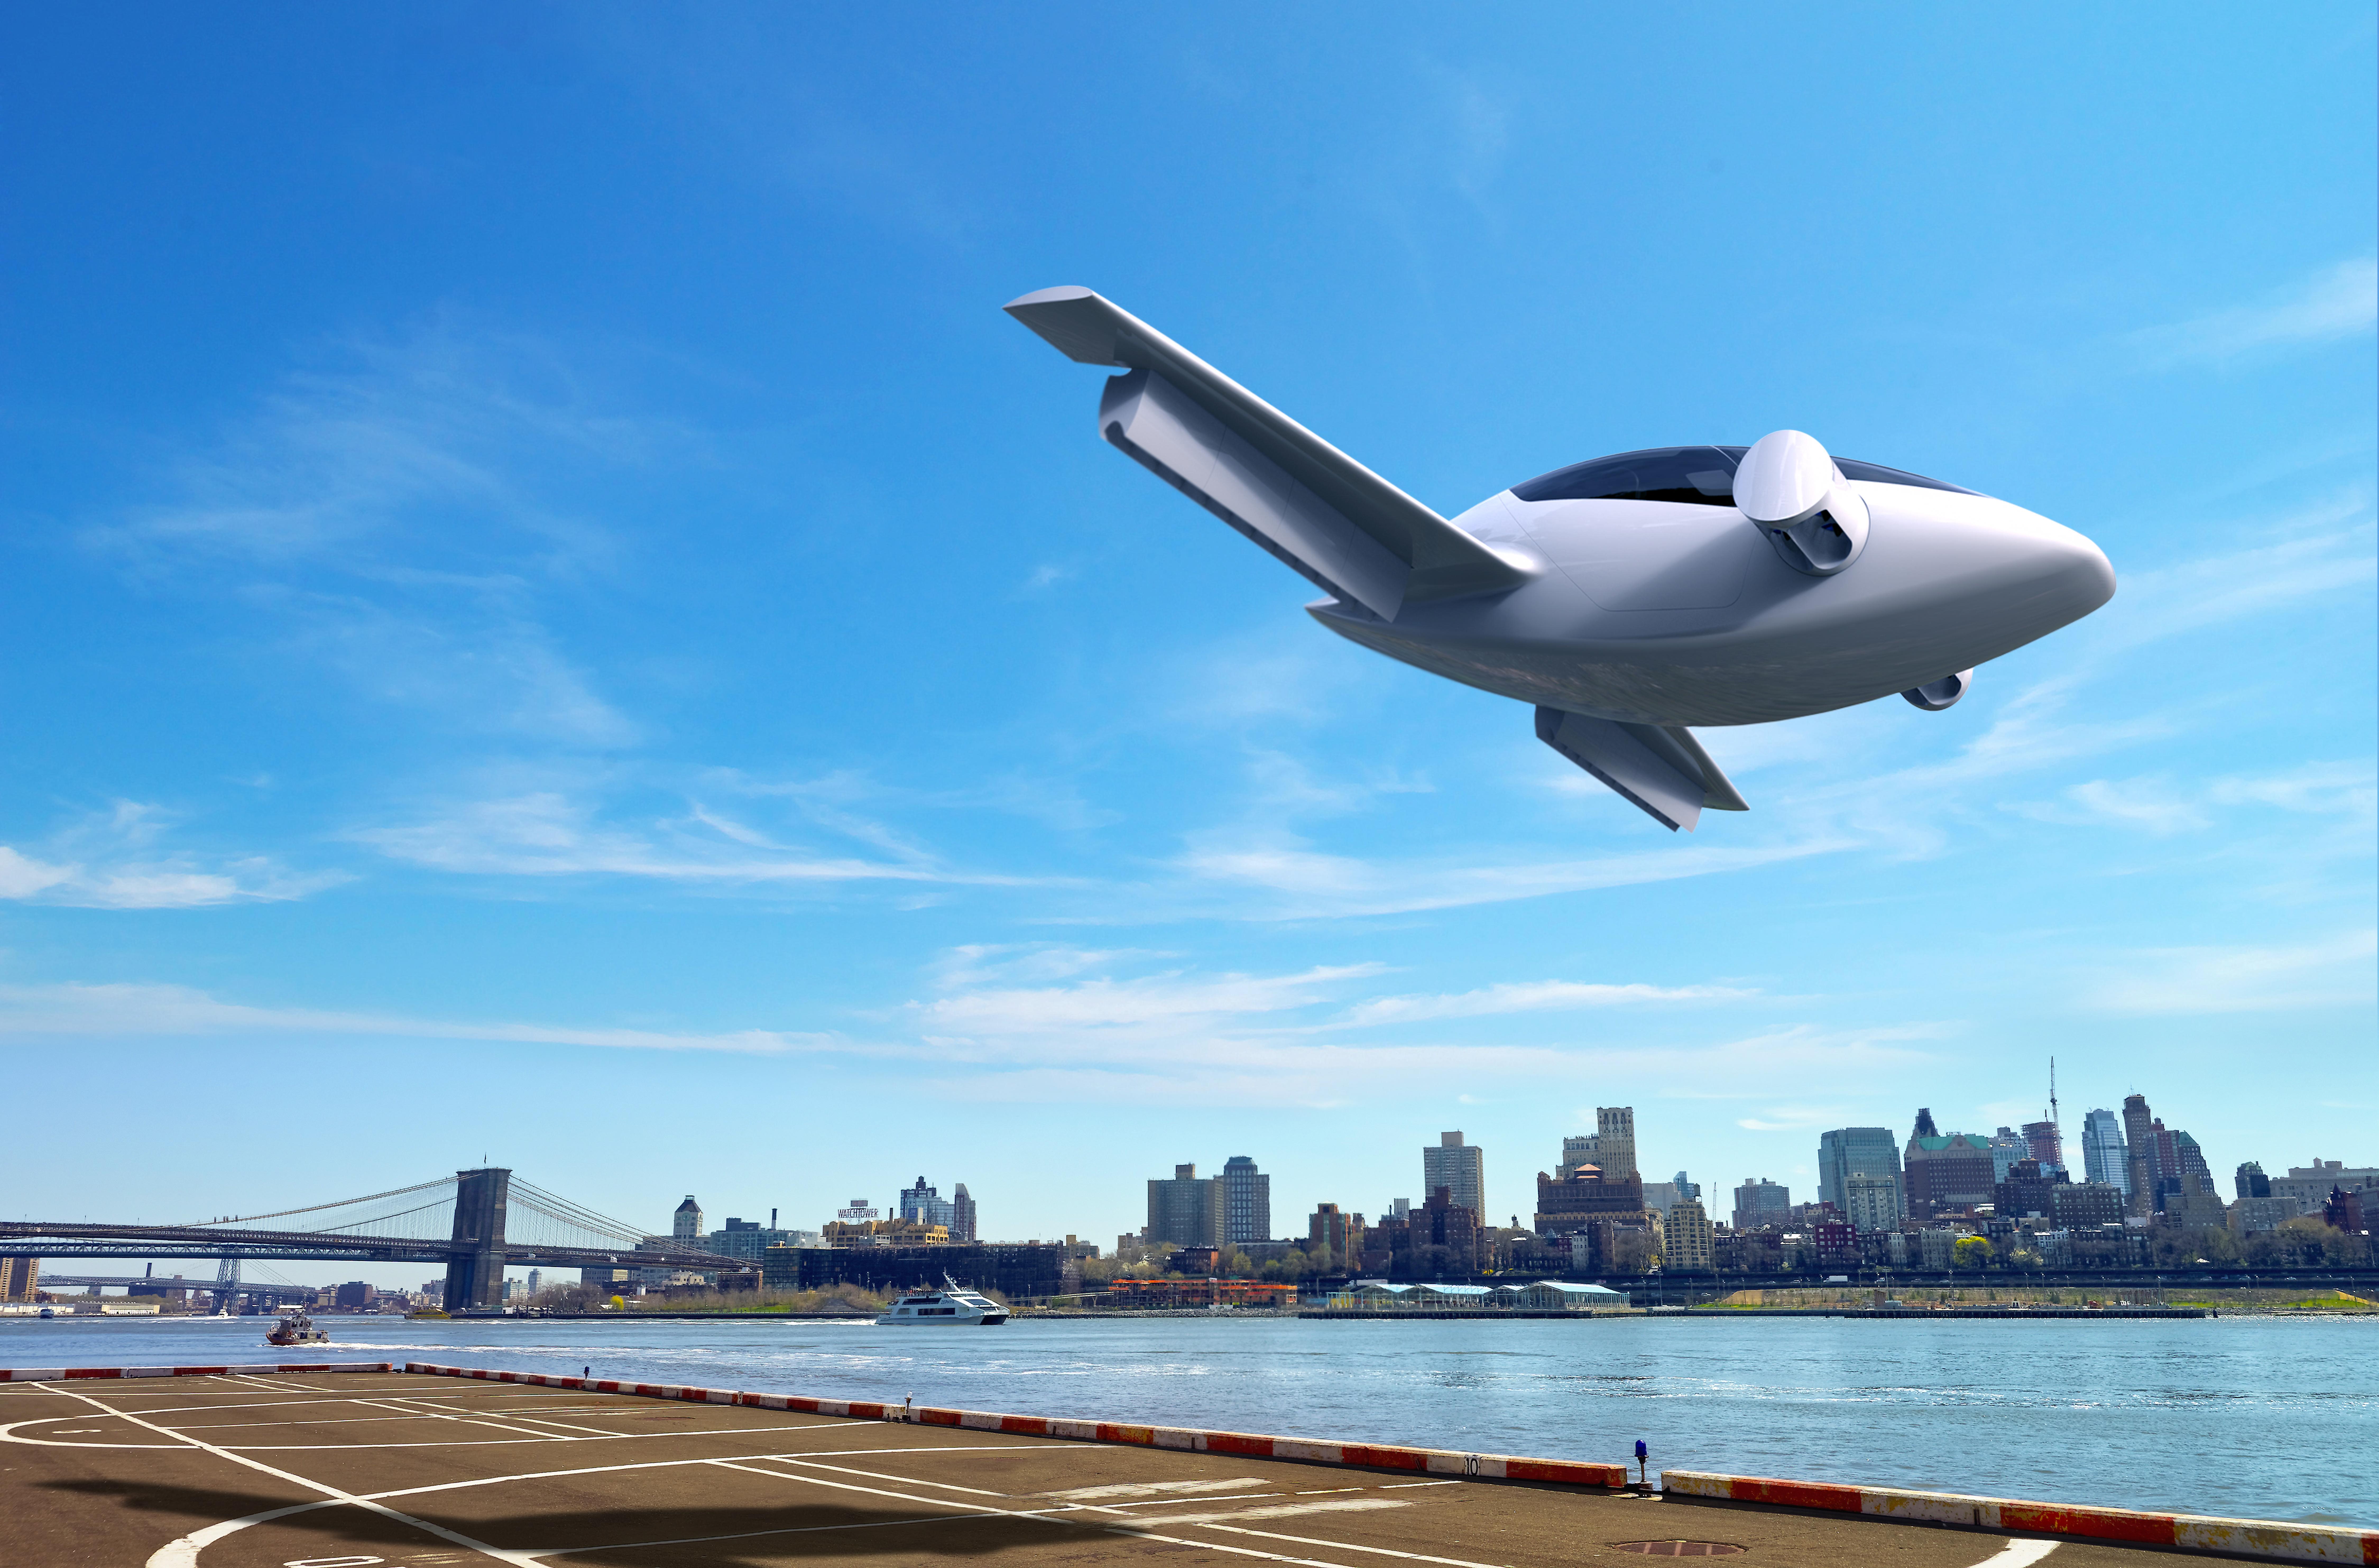 Lilium được thiết kế theo hình quả trứng, giúp nó tận dụng tối đa lợi thế khí động học. Đội ngũ thiết kế chiếc máy bay cho biết nó cần khoảng trống rộng khoảng 15 m để cất và hạ cánh. Máy bay có thể dễ dàng hạ cánh xuống bãi đáp dành cho trực thăng. Do sử dụng động cơ điện nên Lilium tạo ra tiếng ồn nhỏ, không làm phiền tới hàng xóm trong quá trình hoạt động. Ảnh: ESA